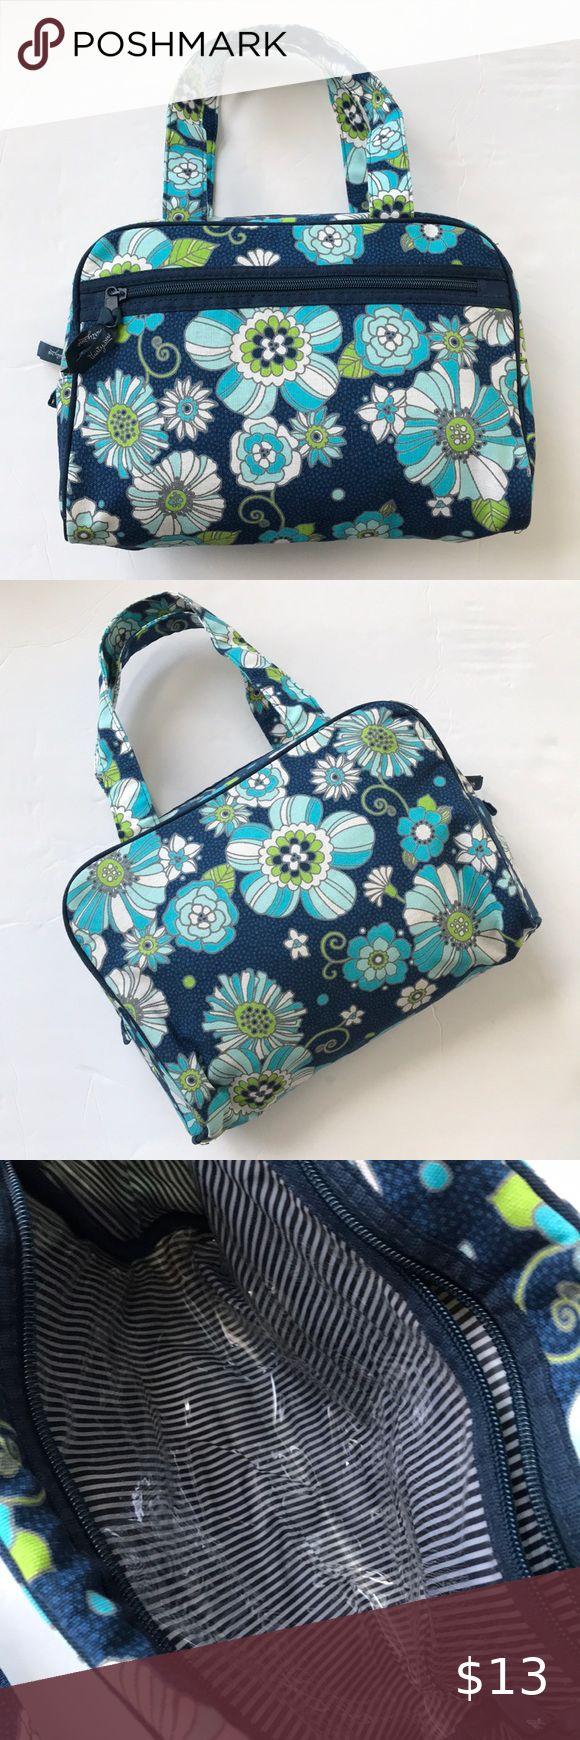 ThirtyOne Cosmetic Bag w/Handles in 2020 Bags